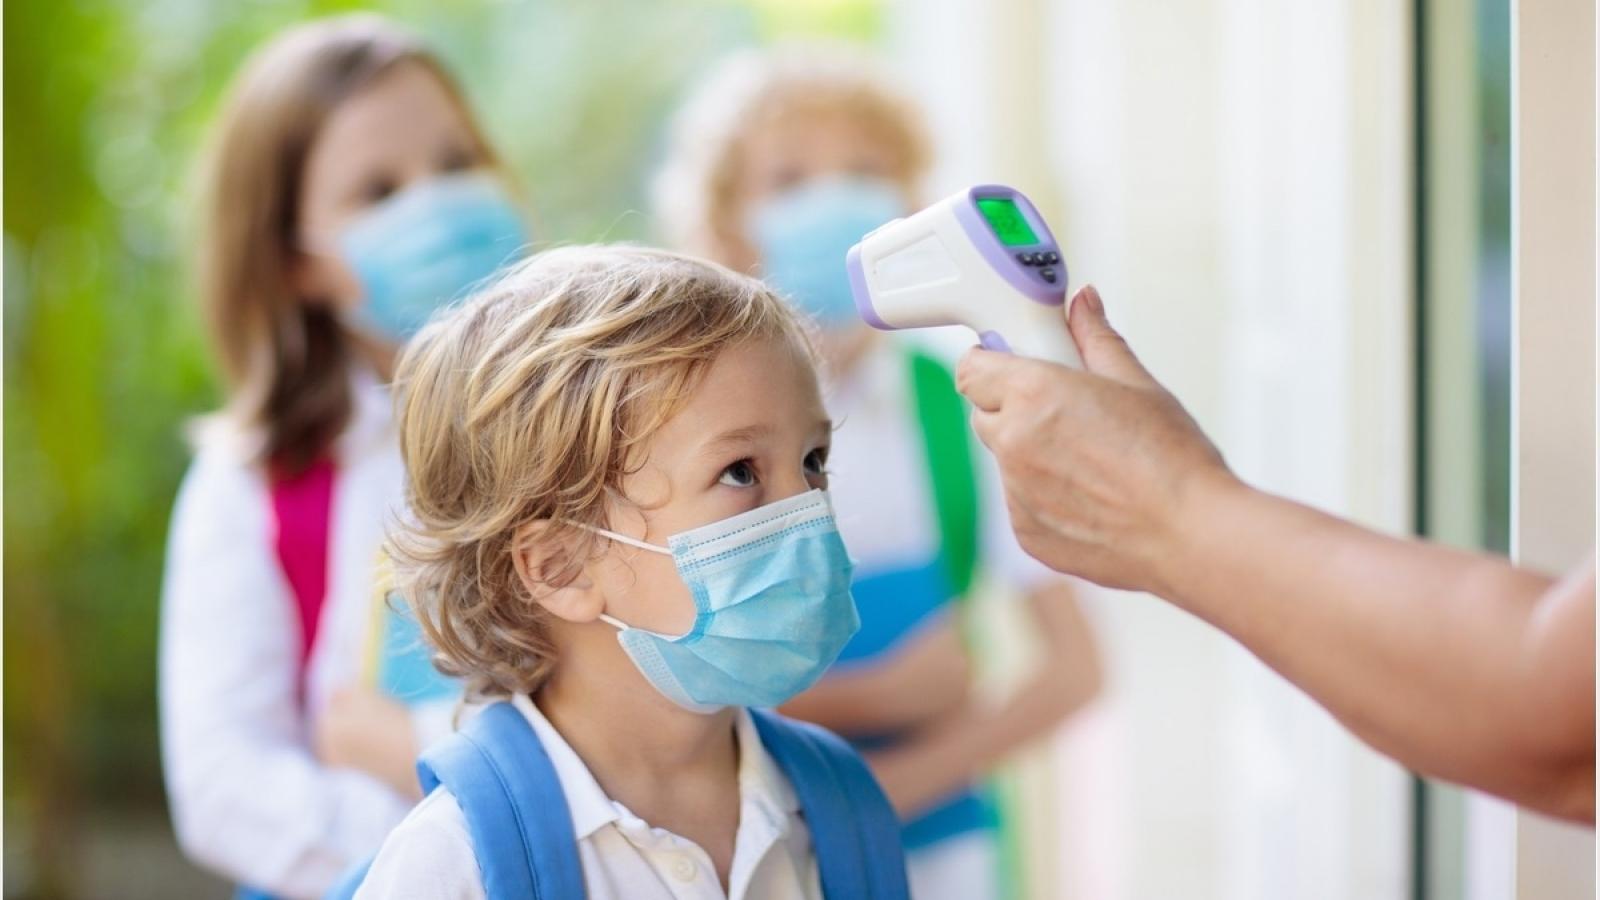 Số ca mắc Covid-19 ở trẻ em và thanh thiếu niên tại Mỹ tăng tới 84% trong một tuần